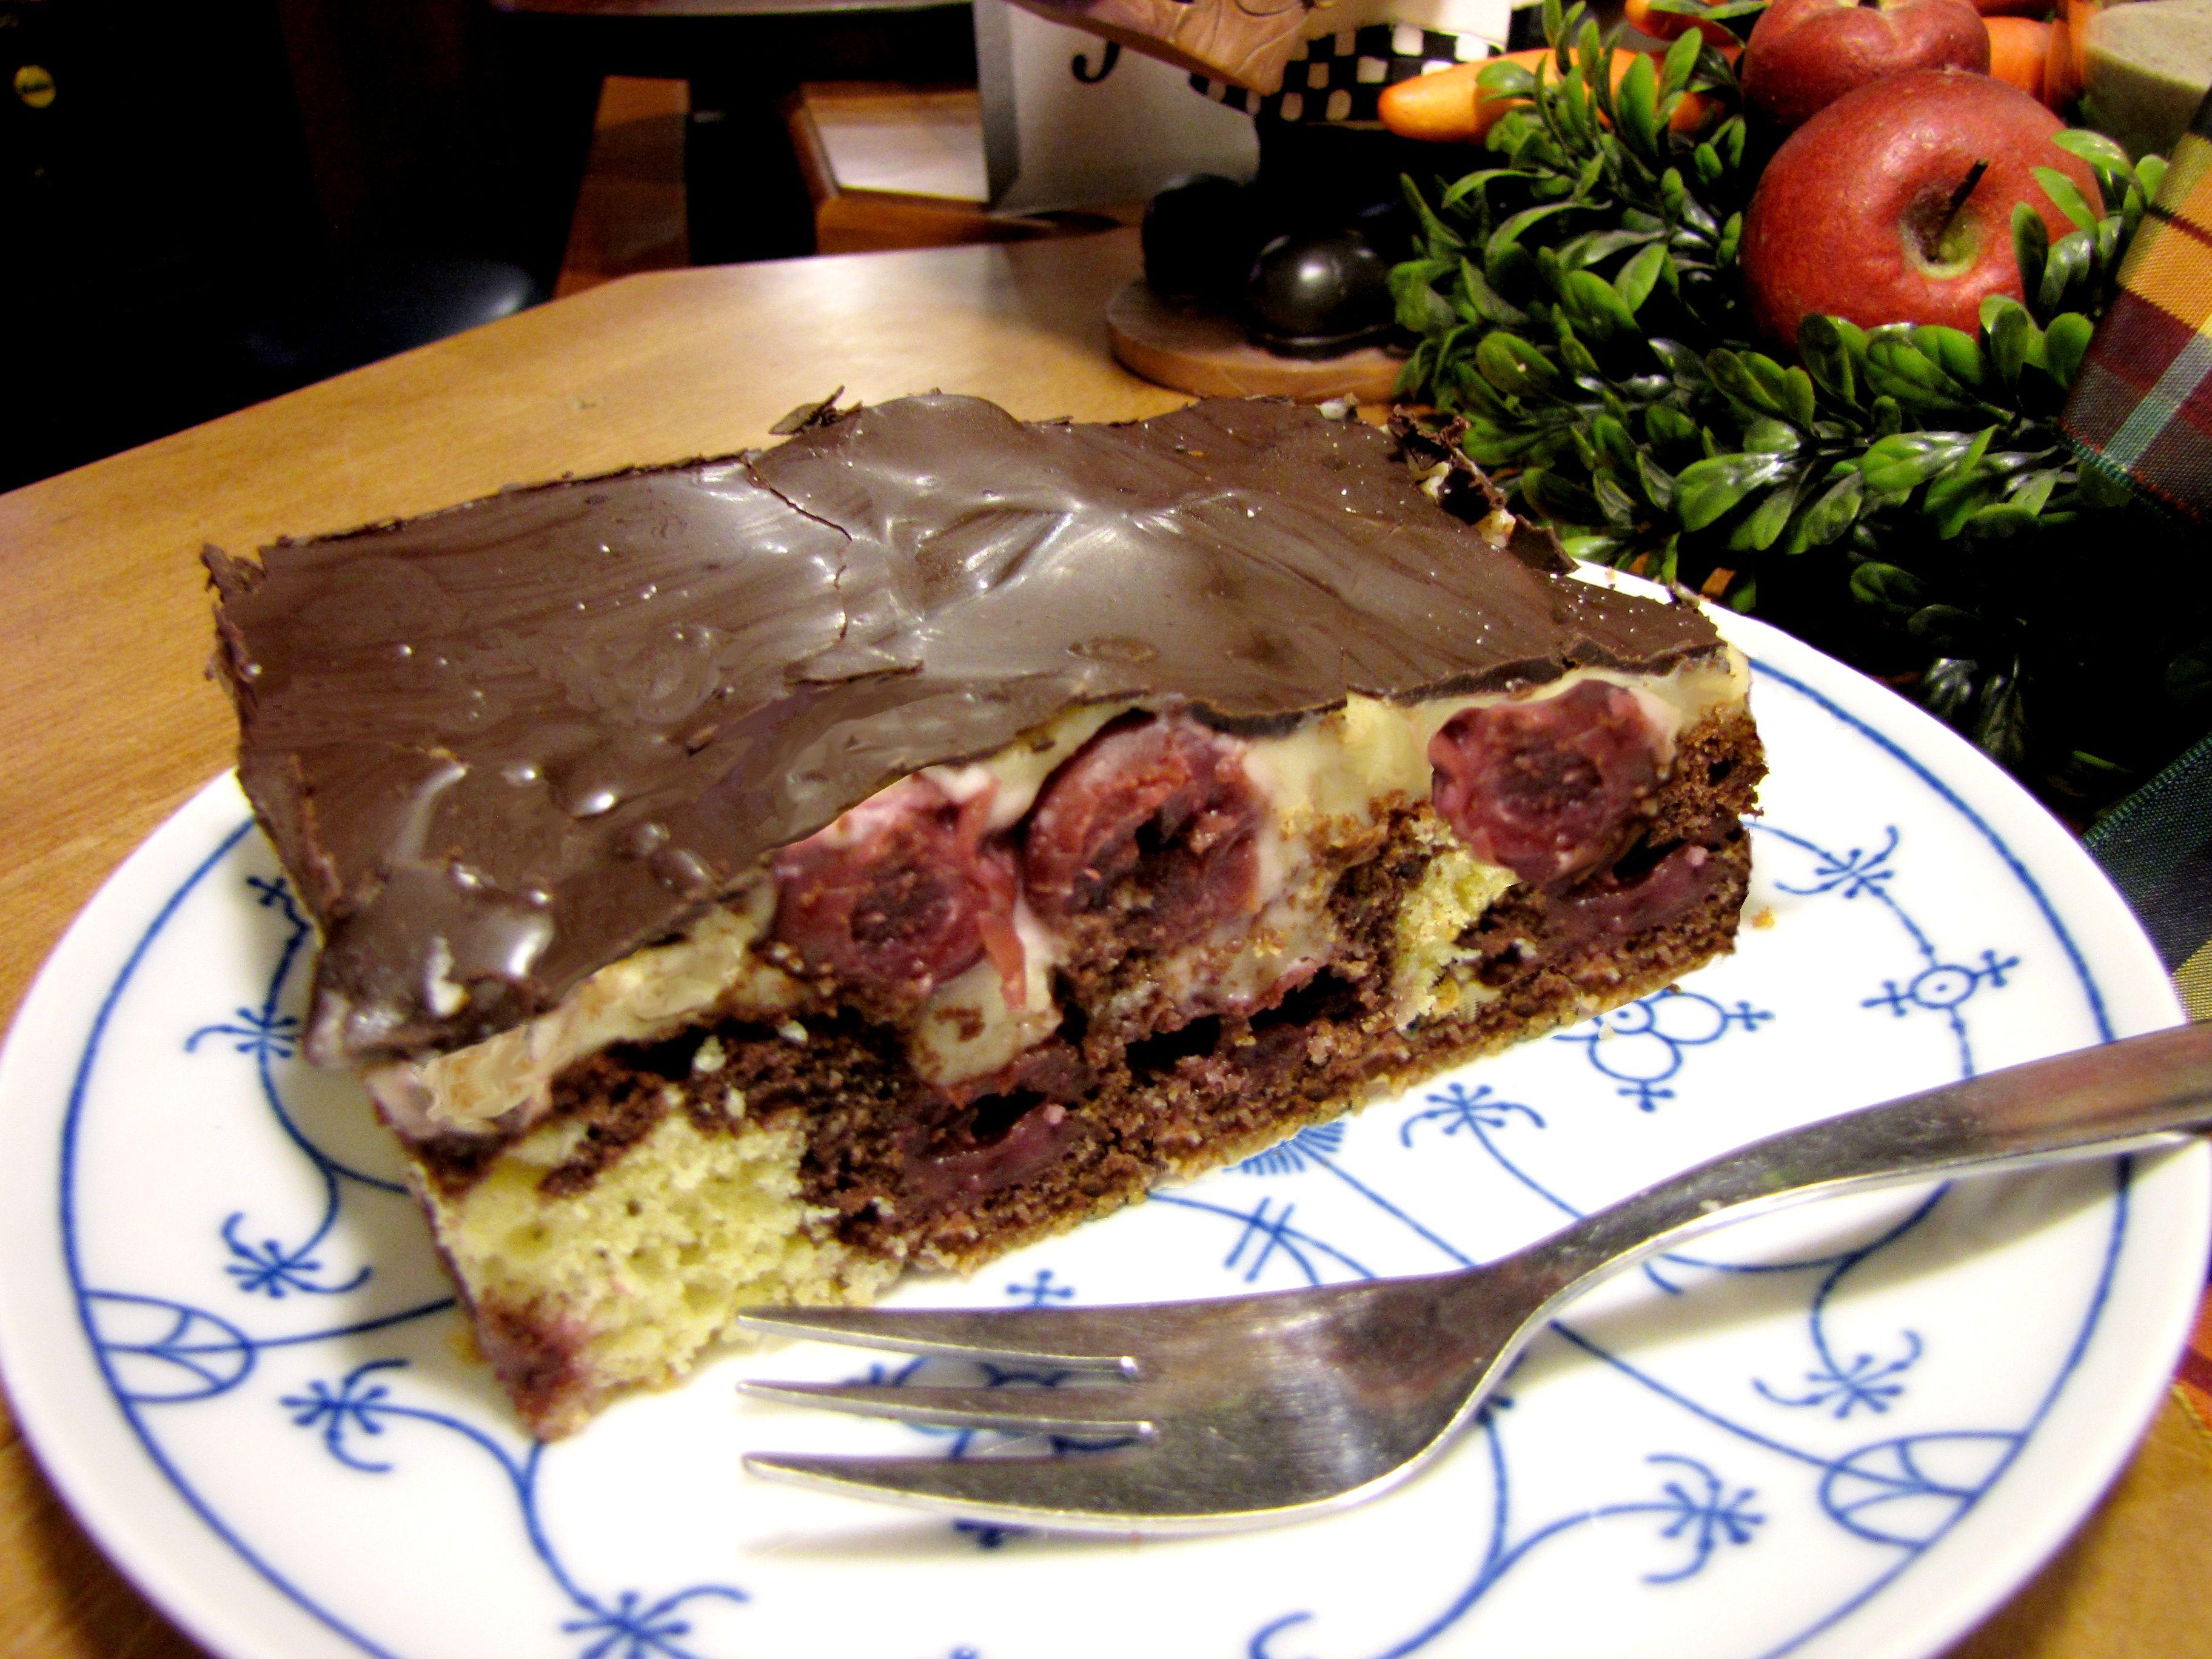 Rührteig hell dunkel Kirschen Vanille Pudding & Schokolade ergibt